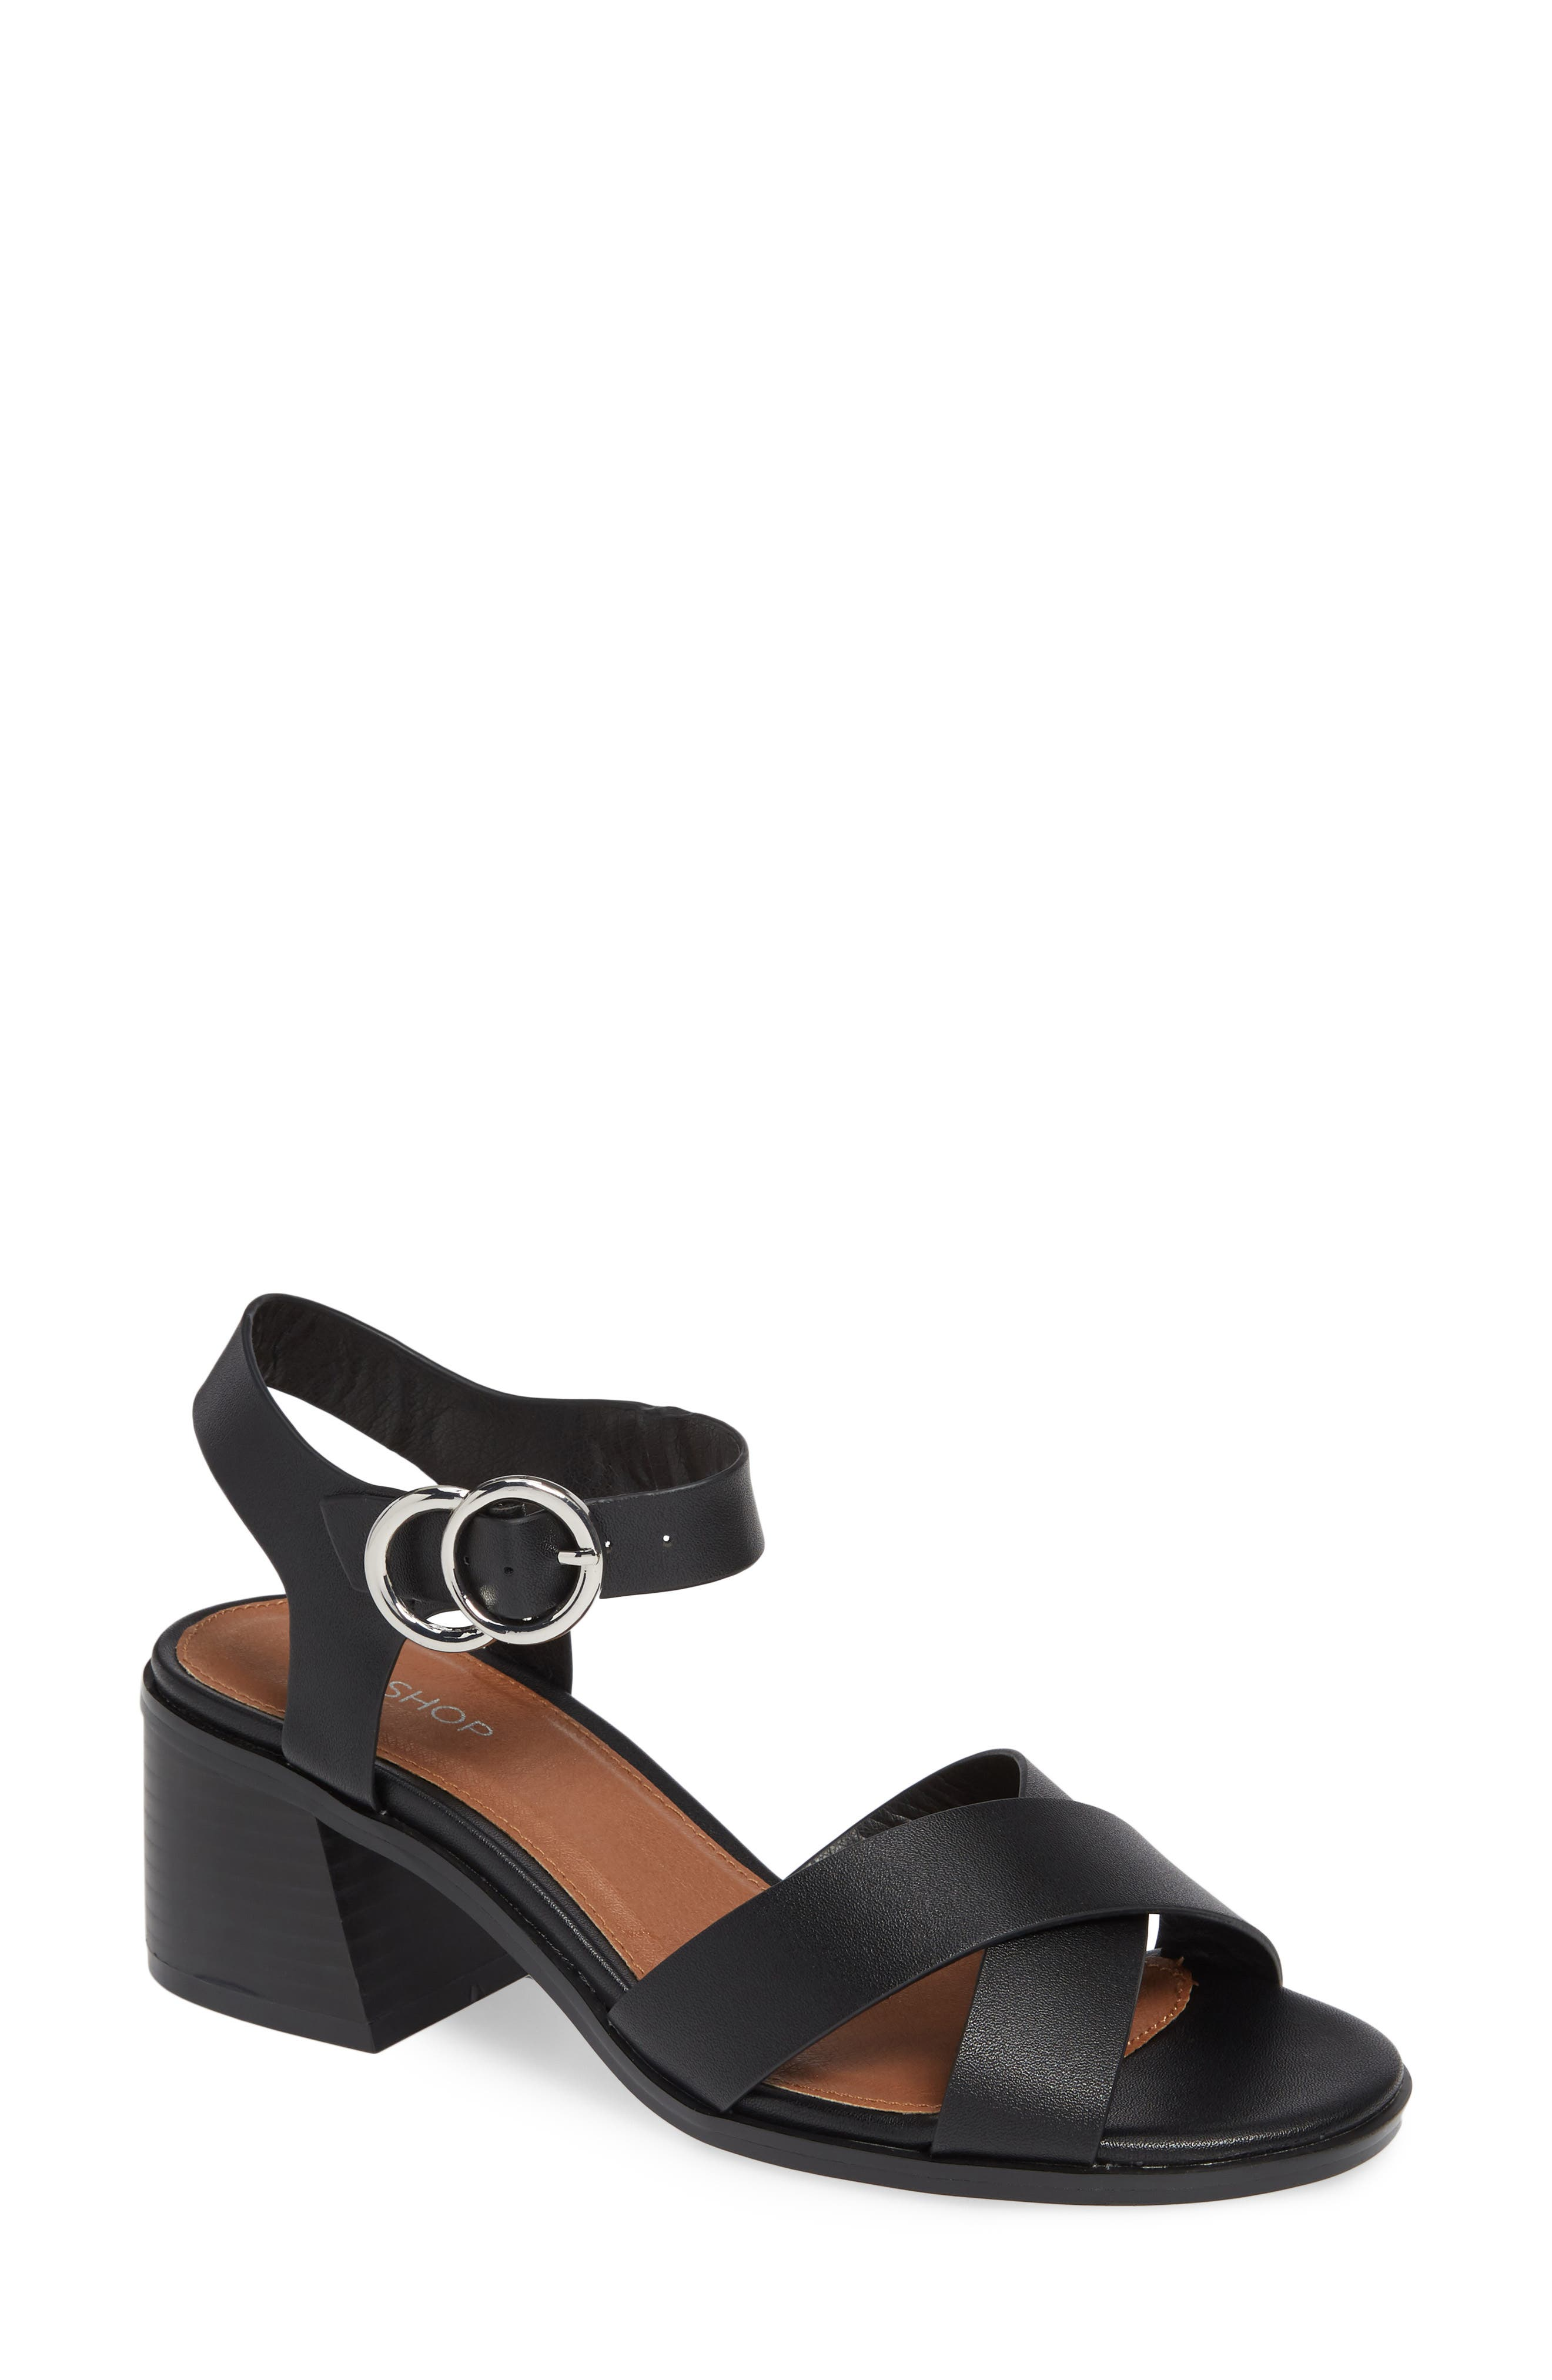 Deedee Block Heel Sandal,                         Main,                         color, 001